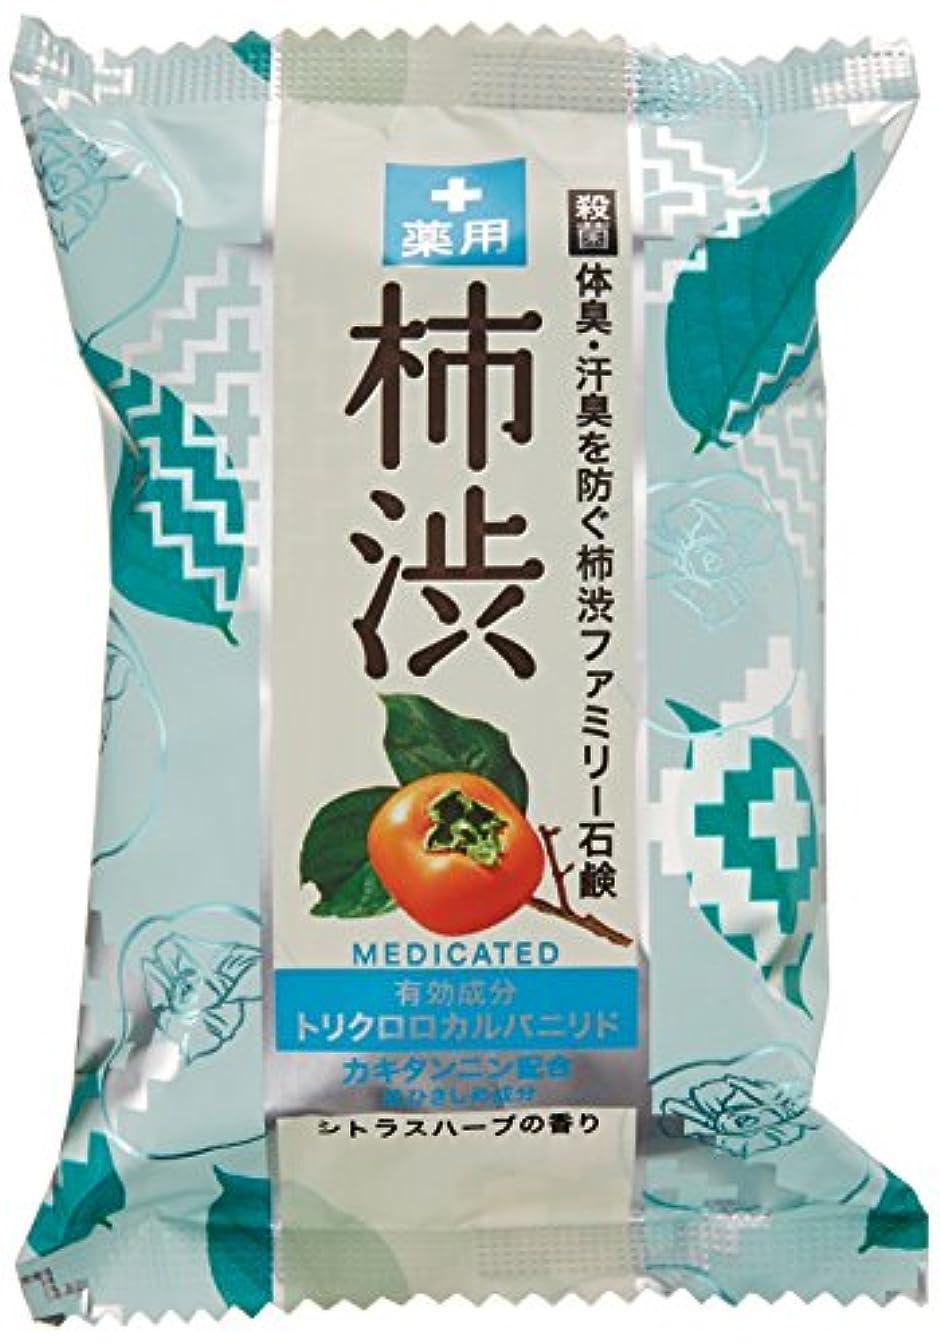 パーク機動知覚ペリカン石鹸 薬用ファミリー 柿渋石けん 80g×2個